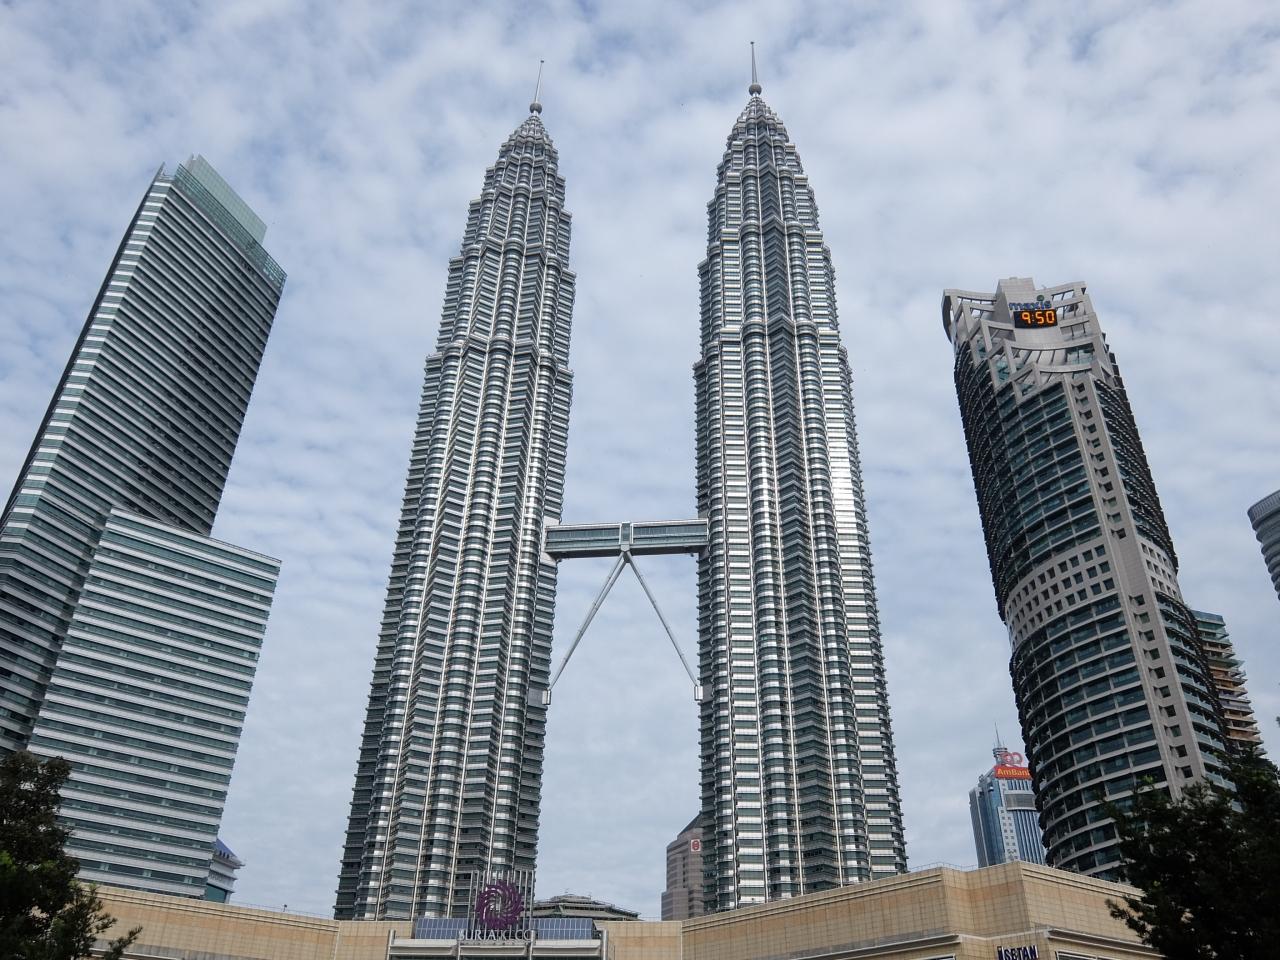 マレーシア観光のおすすめを紹介!見所スポットや温泉・ビーチなども!